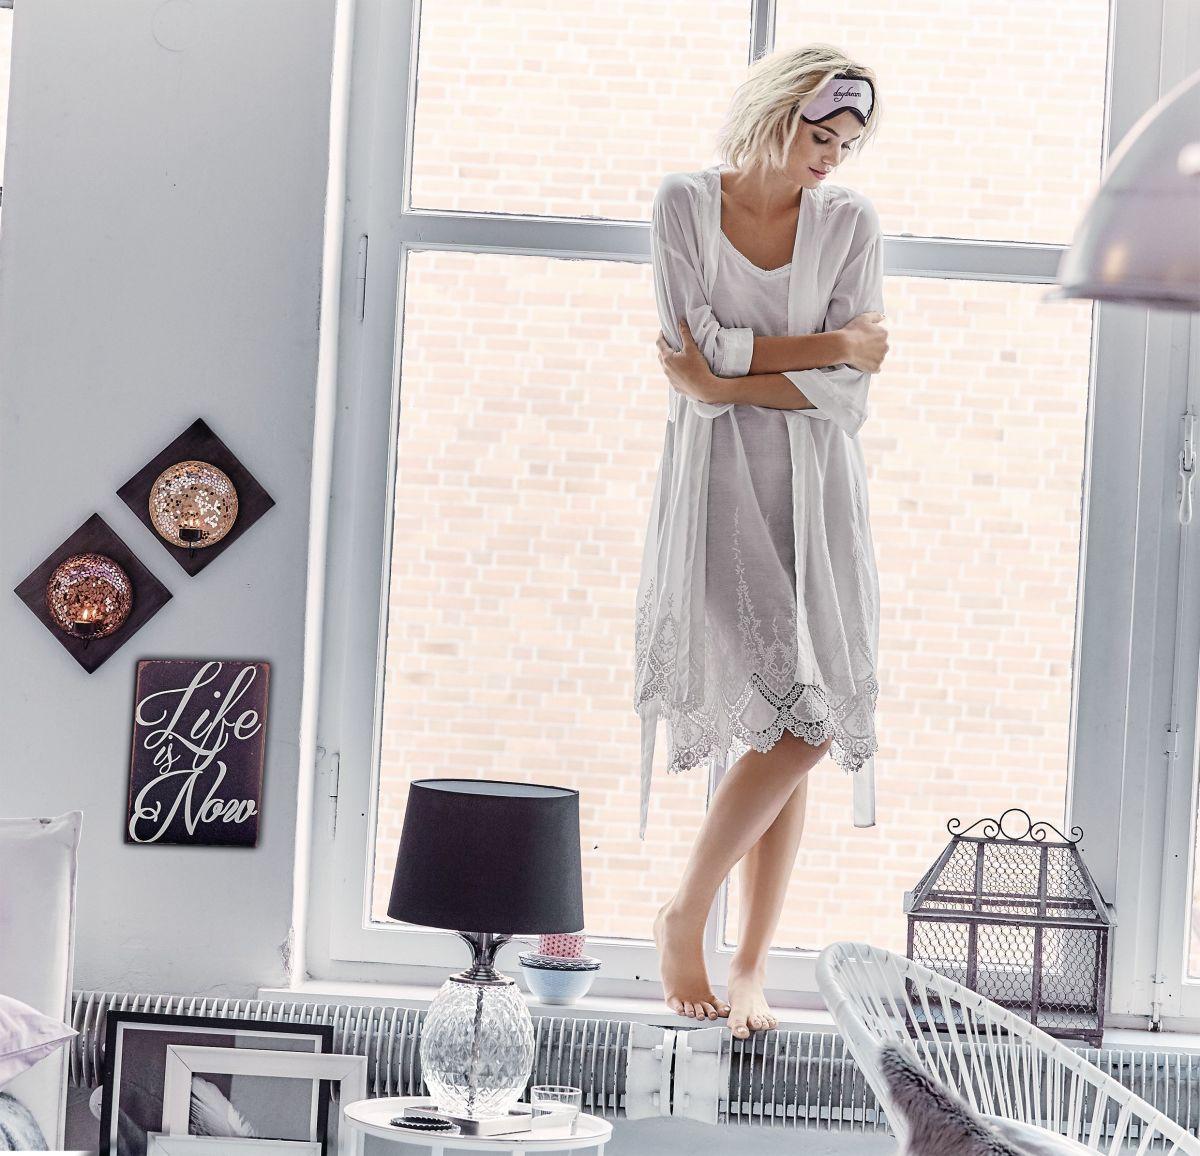 produkte aus schilder impressionen meine wunschliste. Black Bedroom Furniture Sets. Home Design Ideas